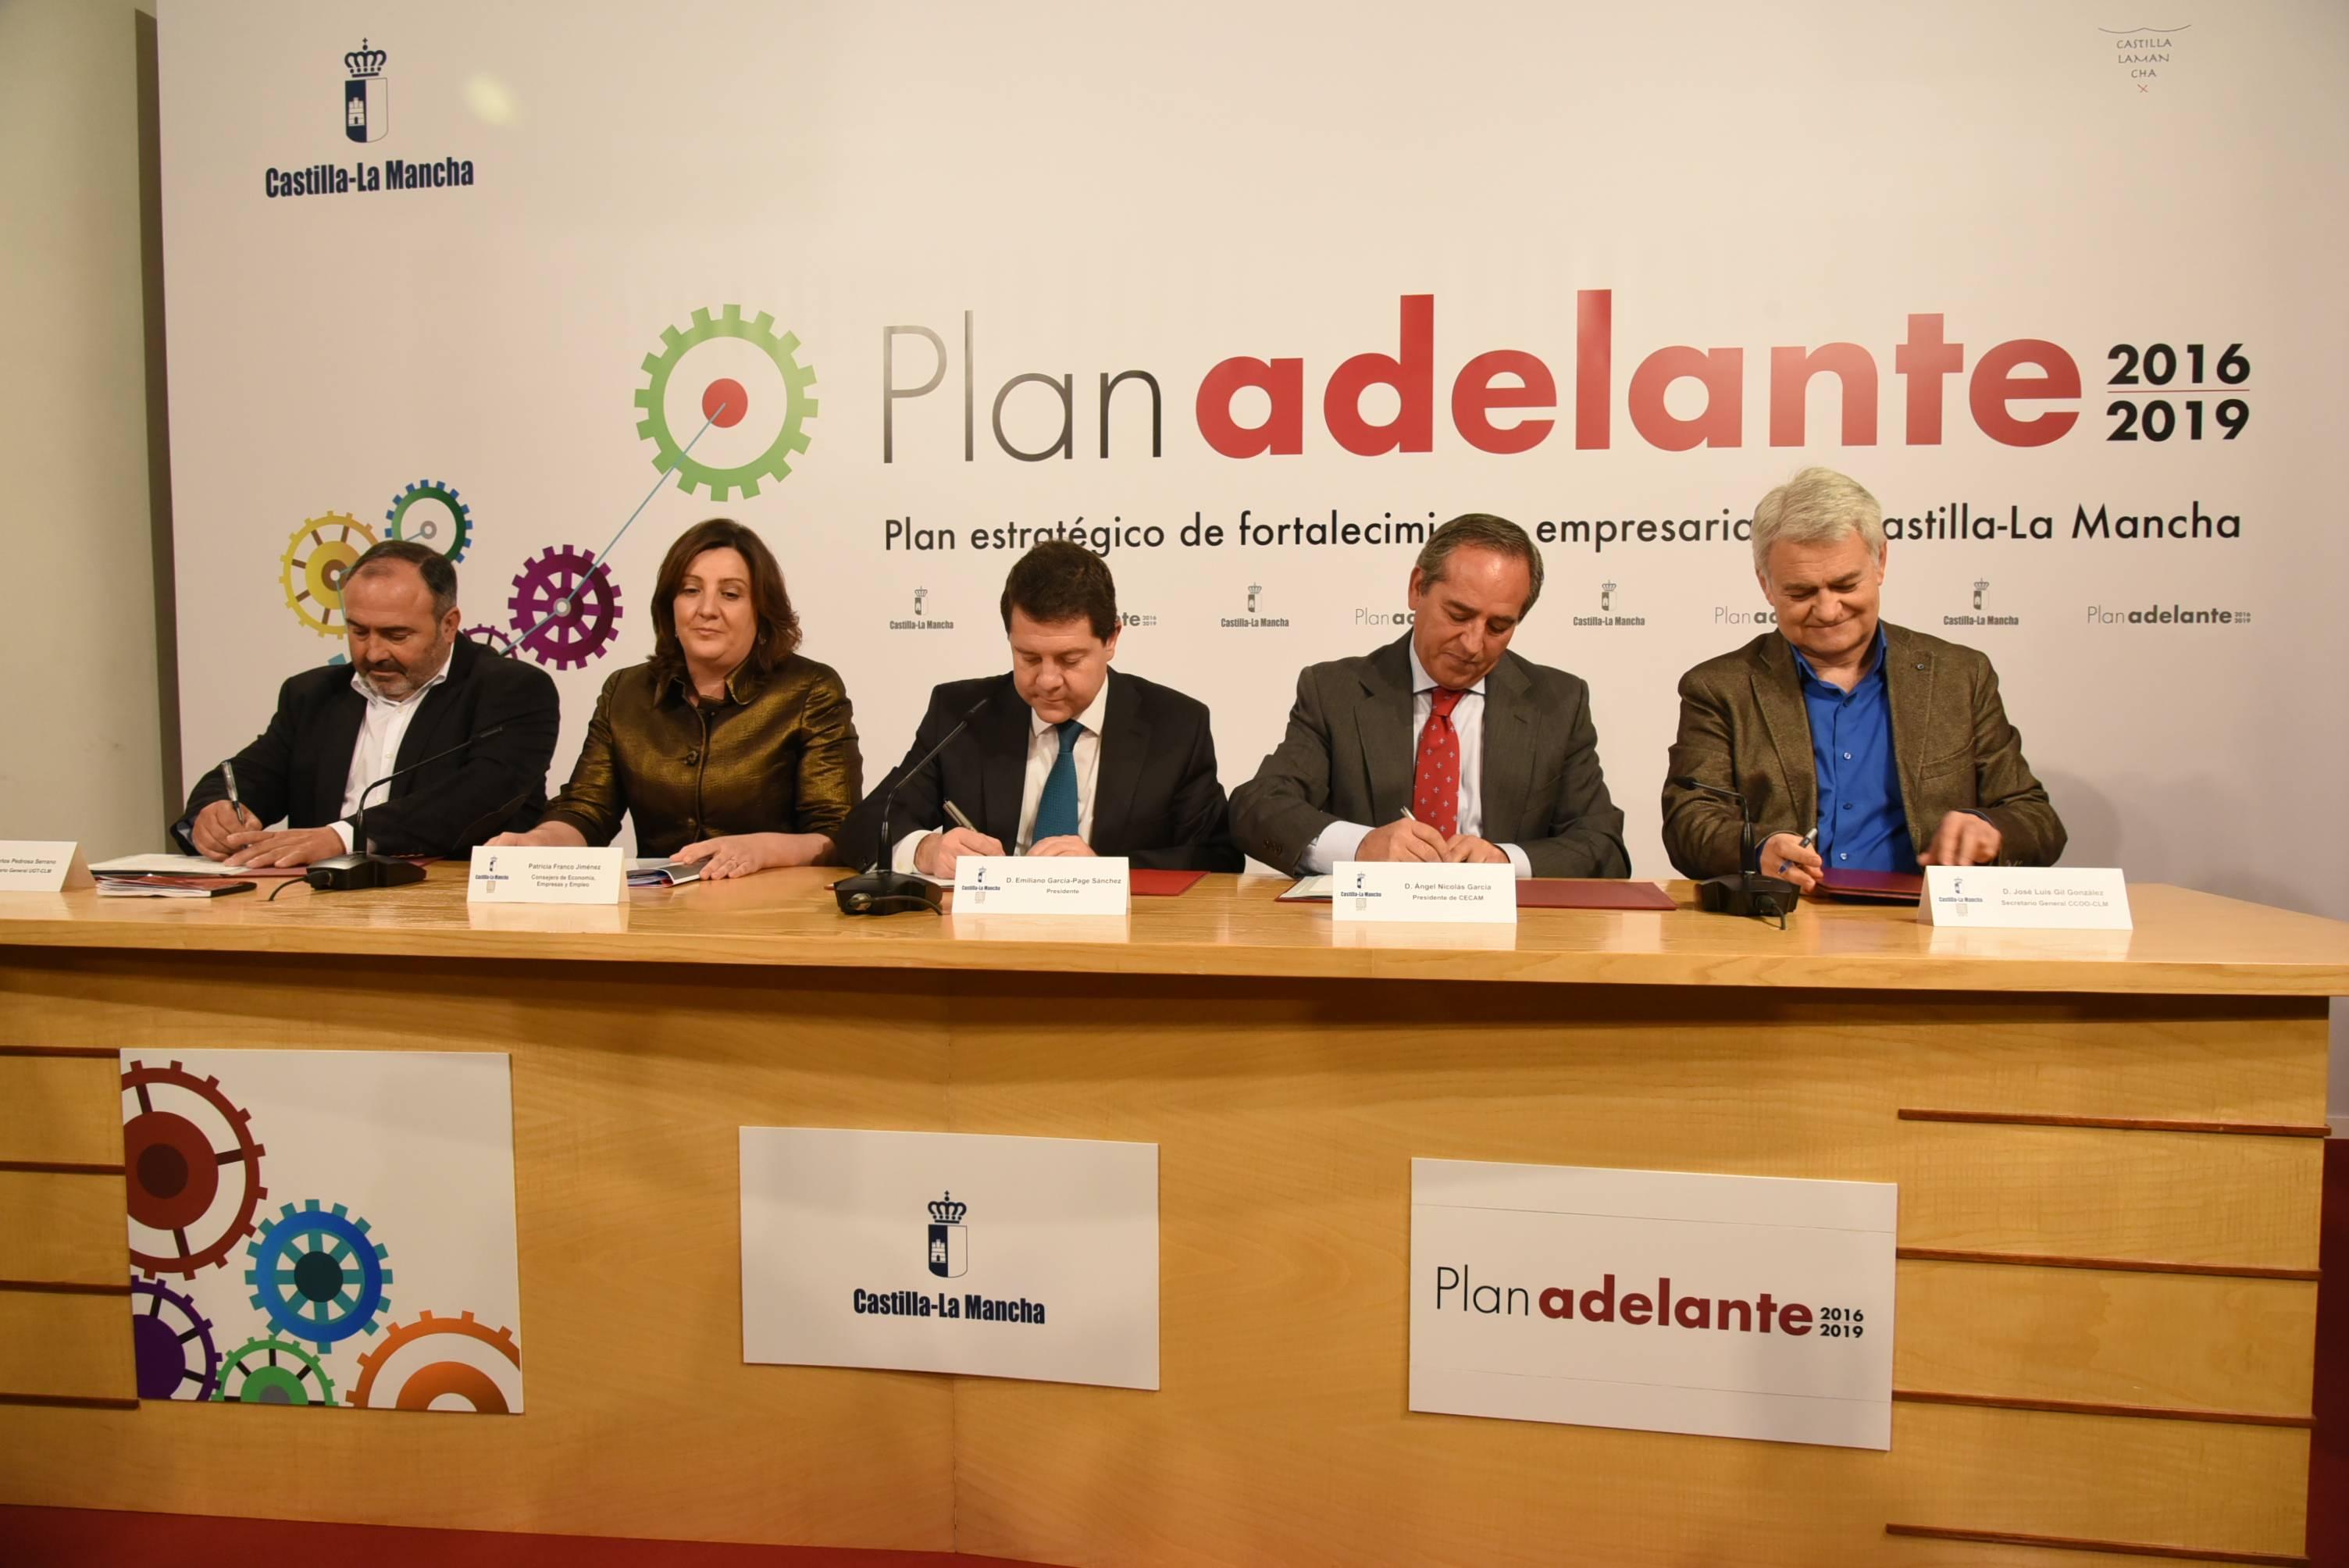 firma del plan adelante castilla la mancha - Sindicatos y CECAM apuestan por el Plan Adelante para el fortalecimiento empresarial